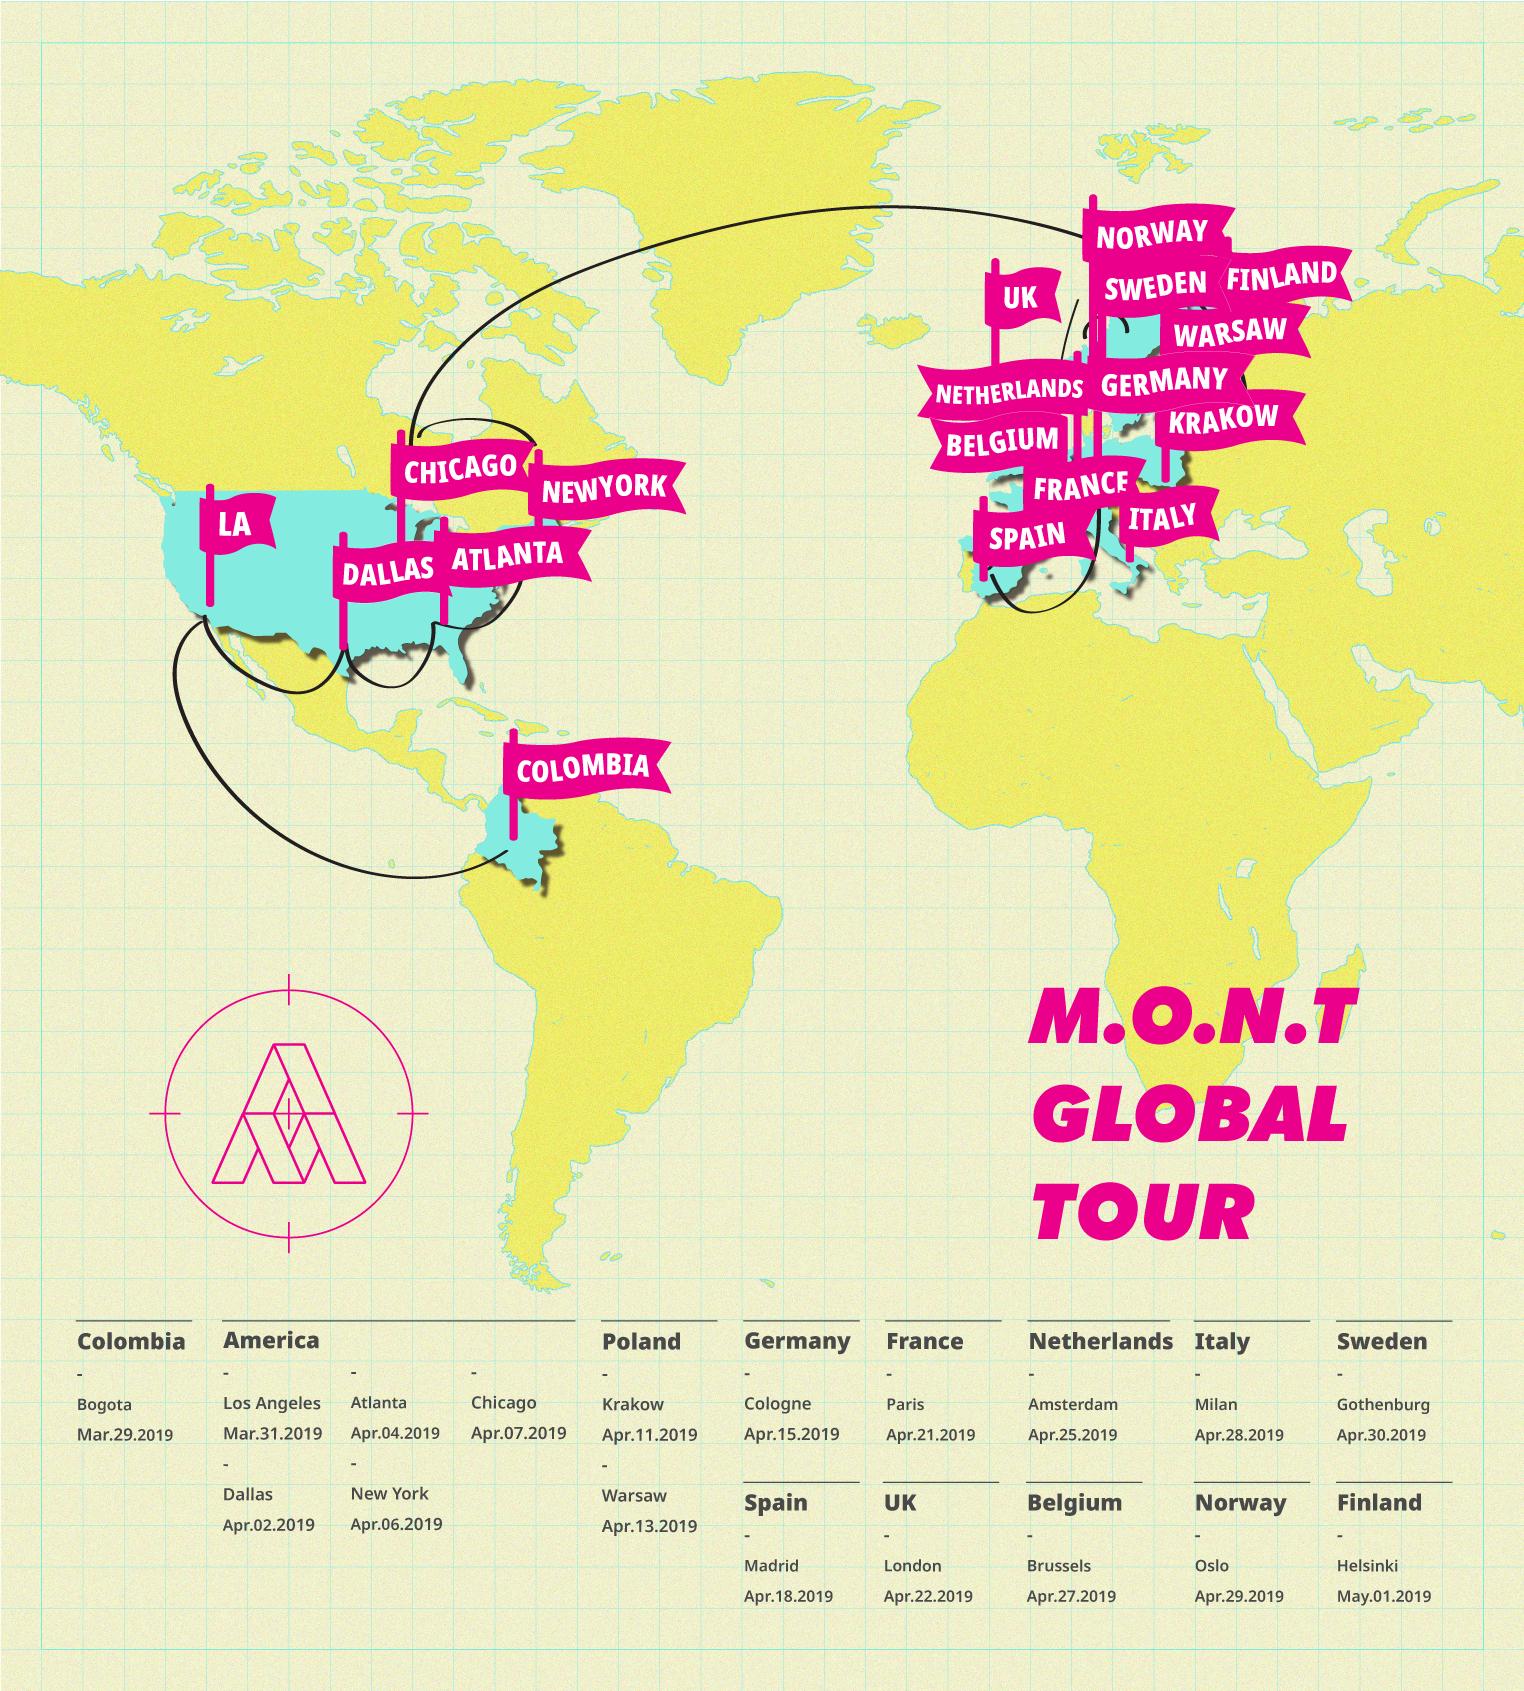 mont, mont tour, mont profile, mont facts, mont age, mont mixnine, fm entertainment, fm ent, mont weight, mont leader, mont debut, mont songs, mont leader, mont maknae